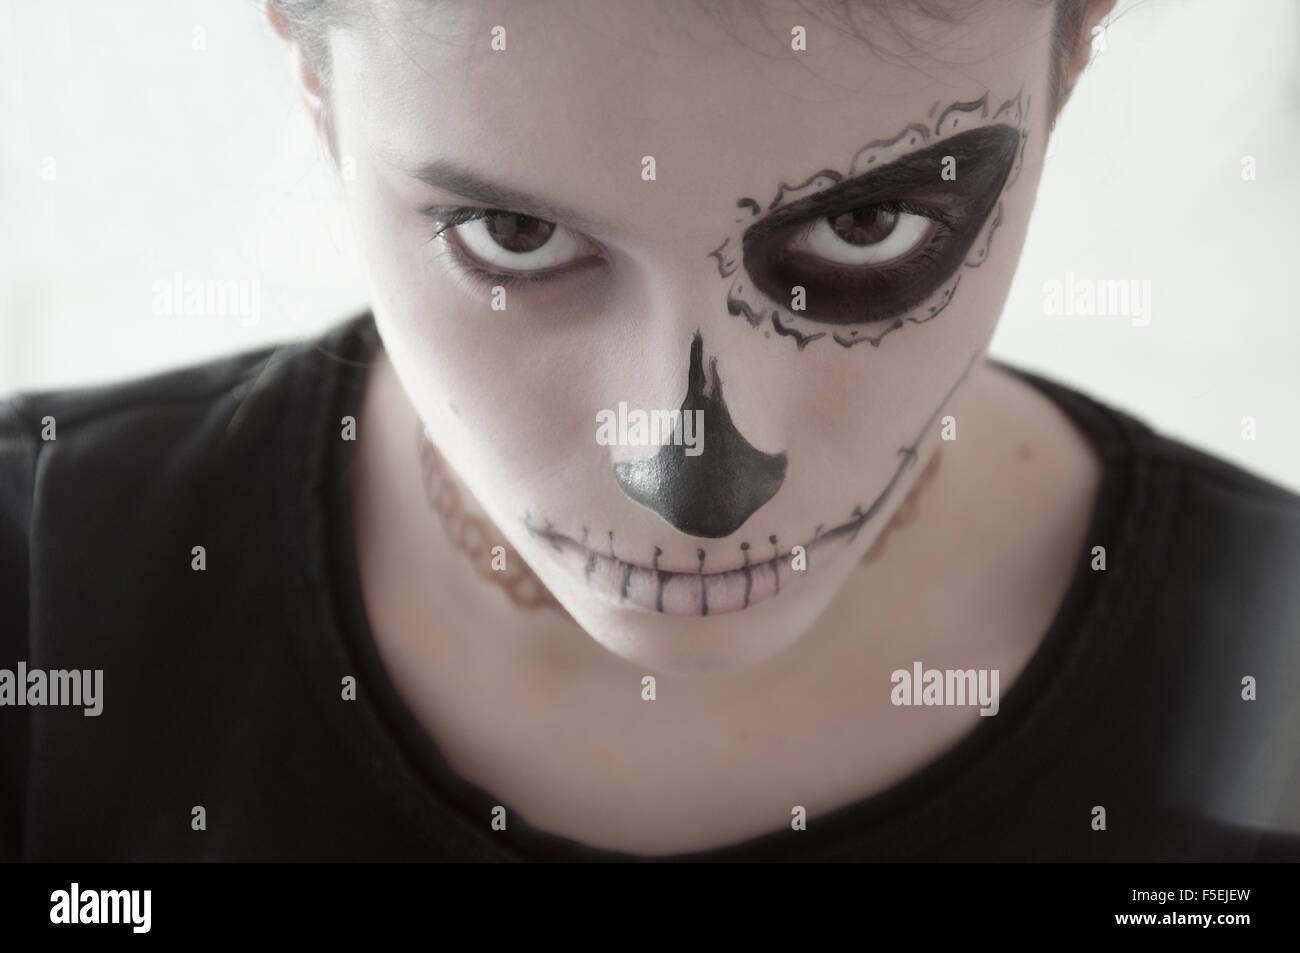 Chica Con Una Cara Pintada Para Halloween Foto Imagen De Stock - Cara-pintada-para-halloween